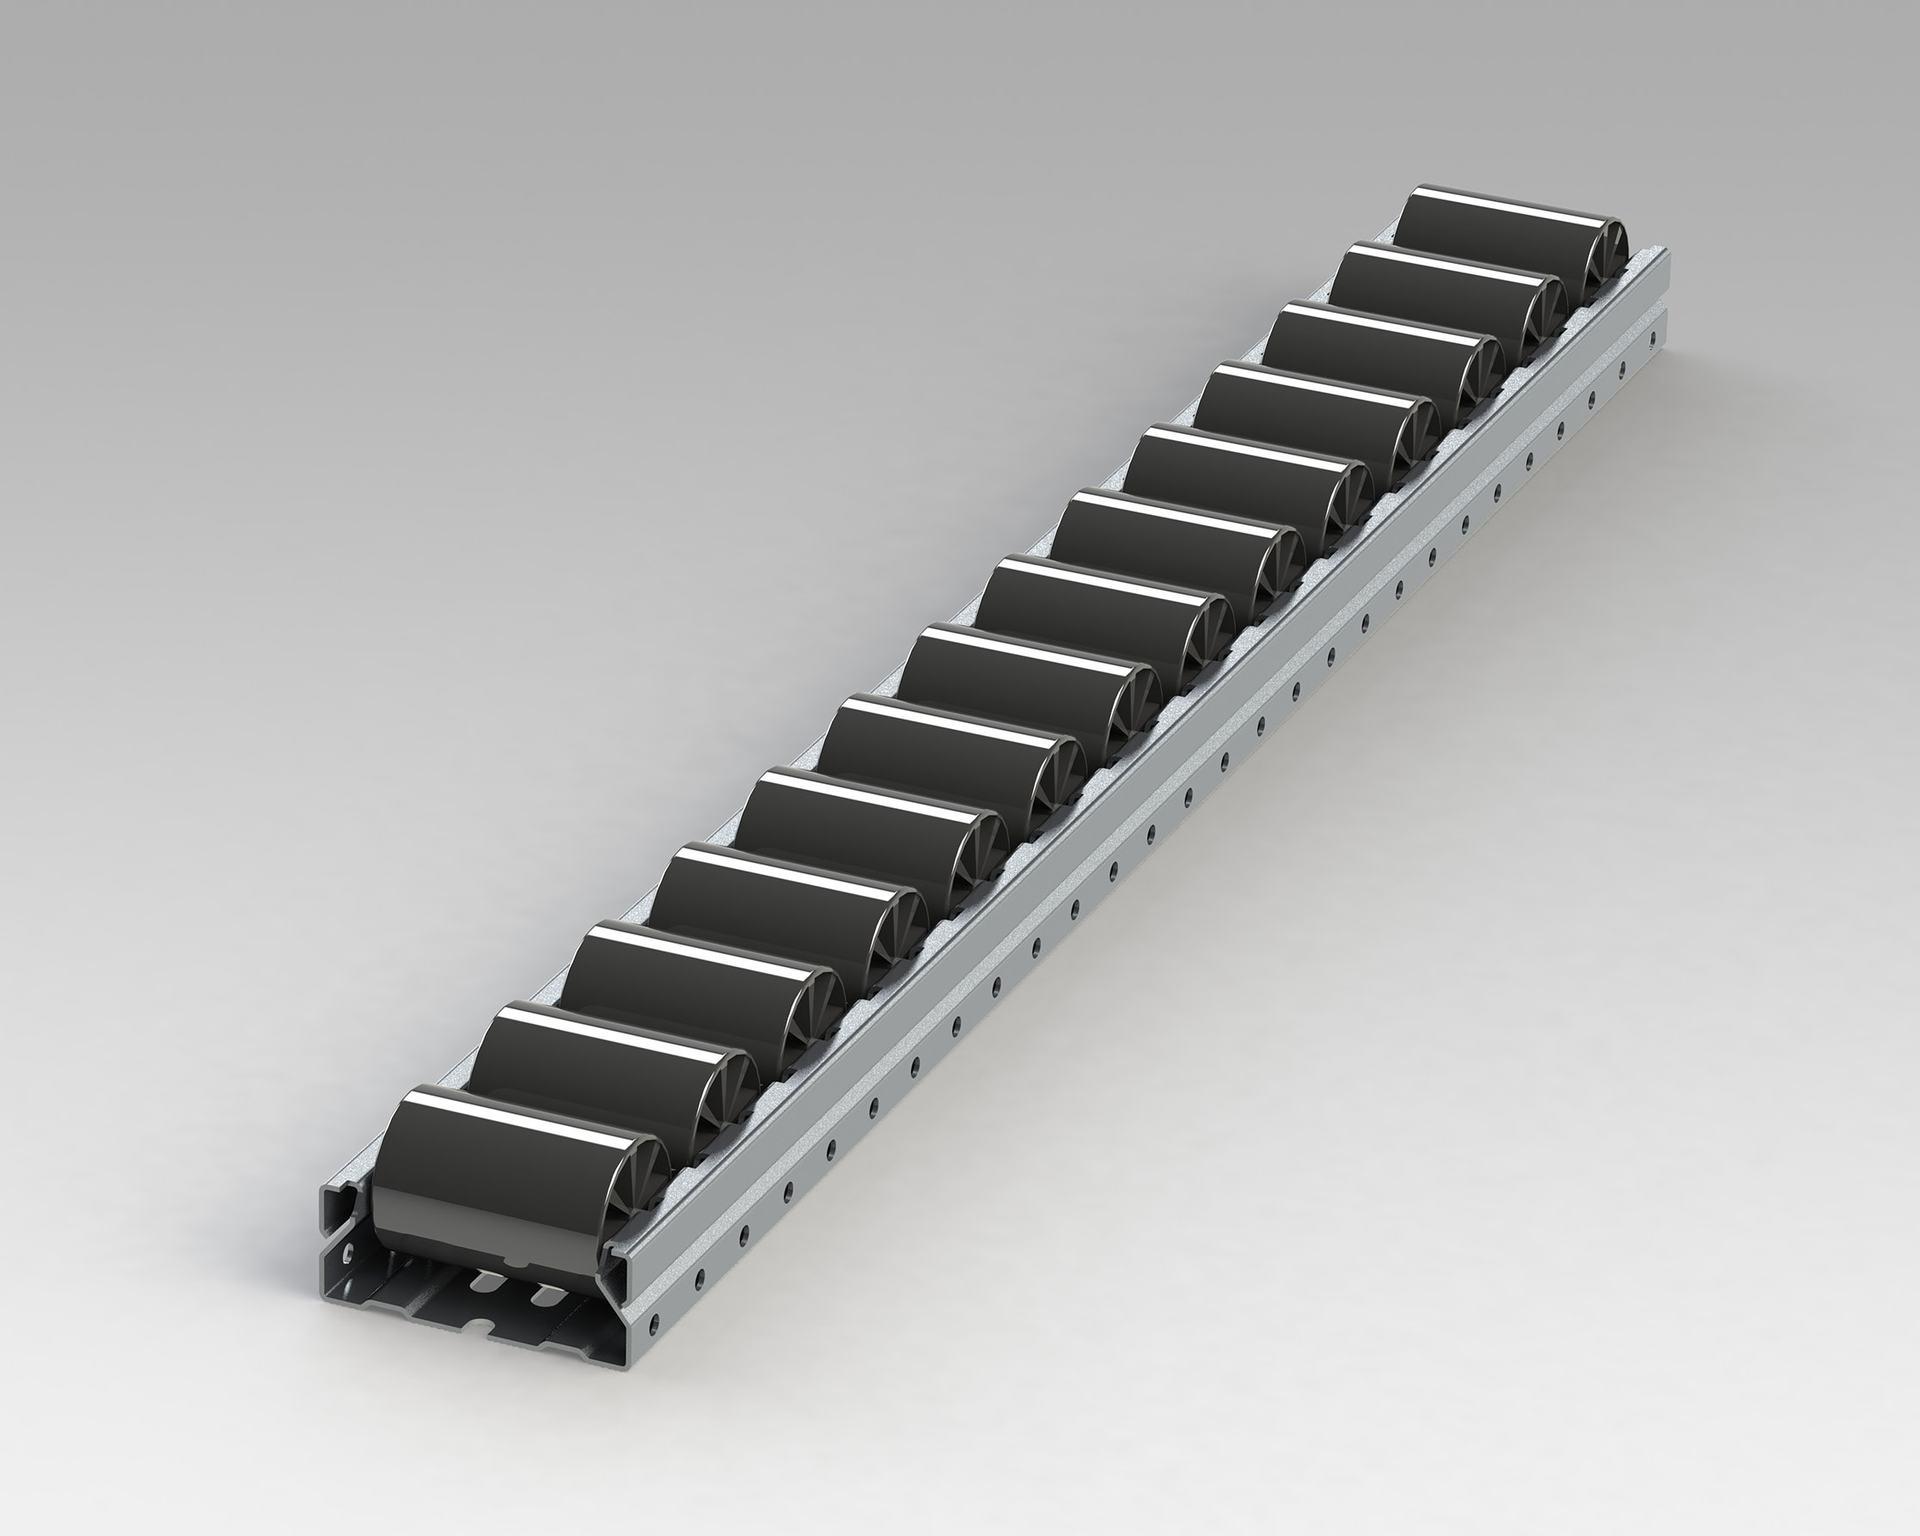 PEK3 Easytube Roller Tracks RT 60B ESD